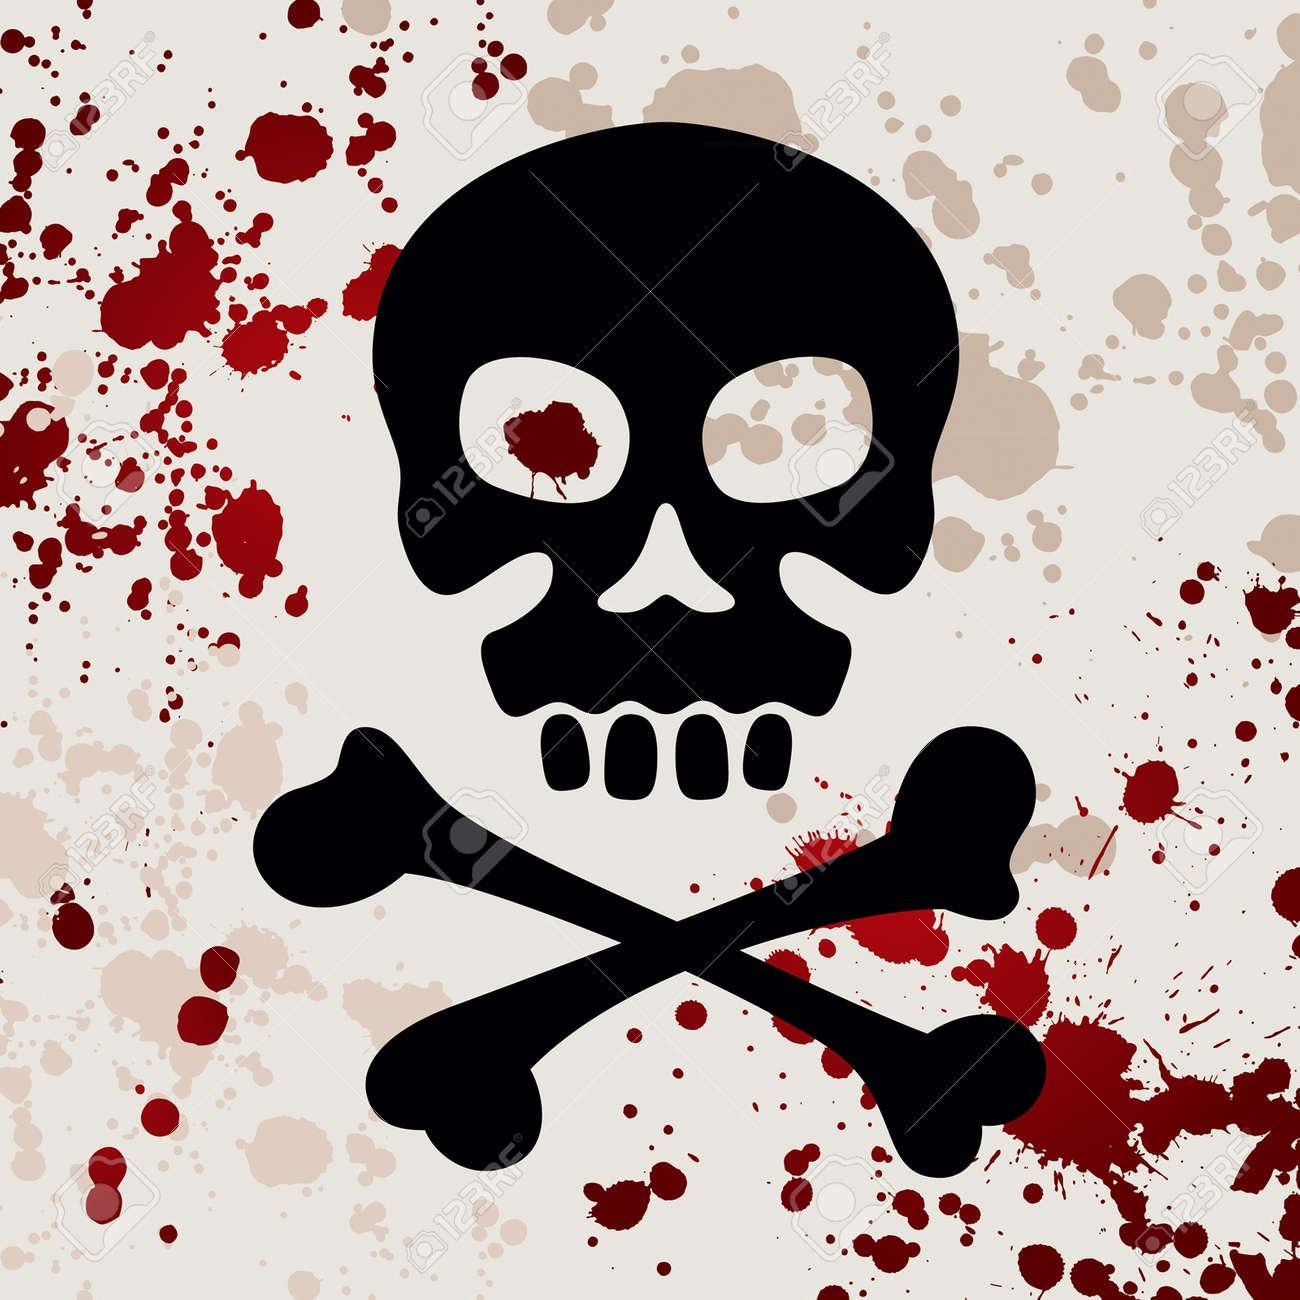 Skull with crossbones, vector illustration Stock Vector - 15404923